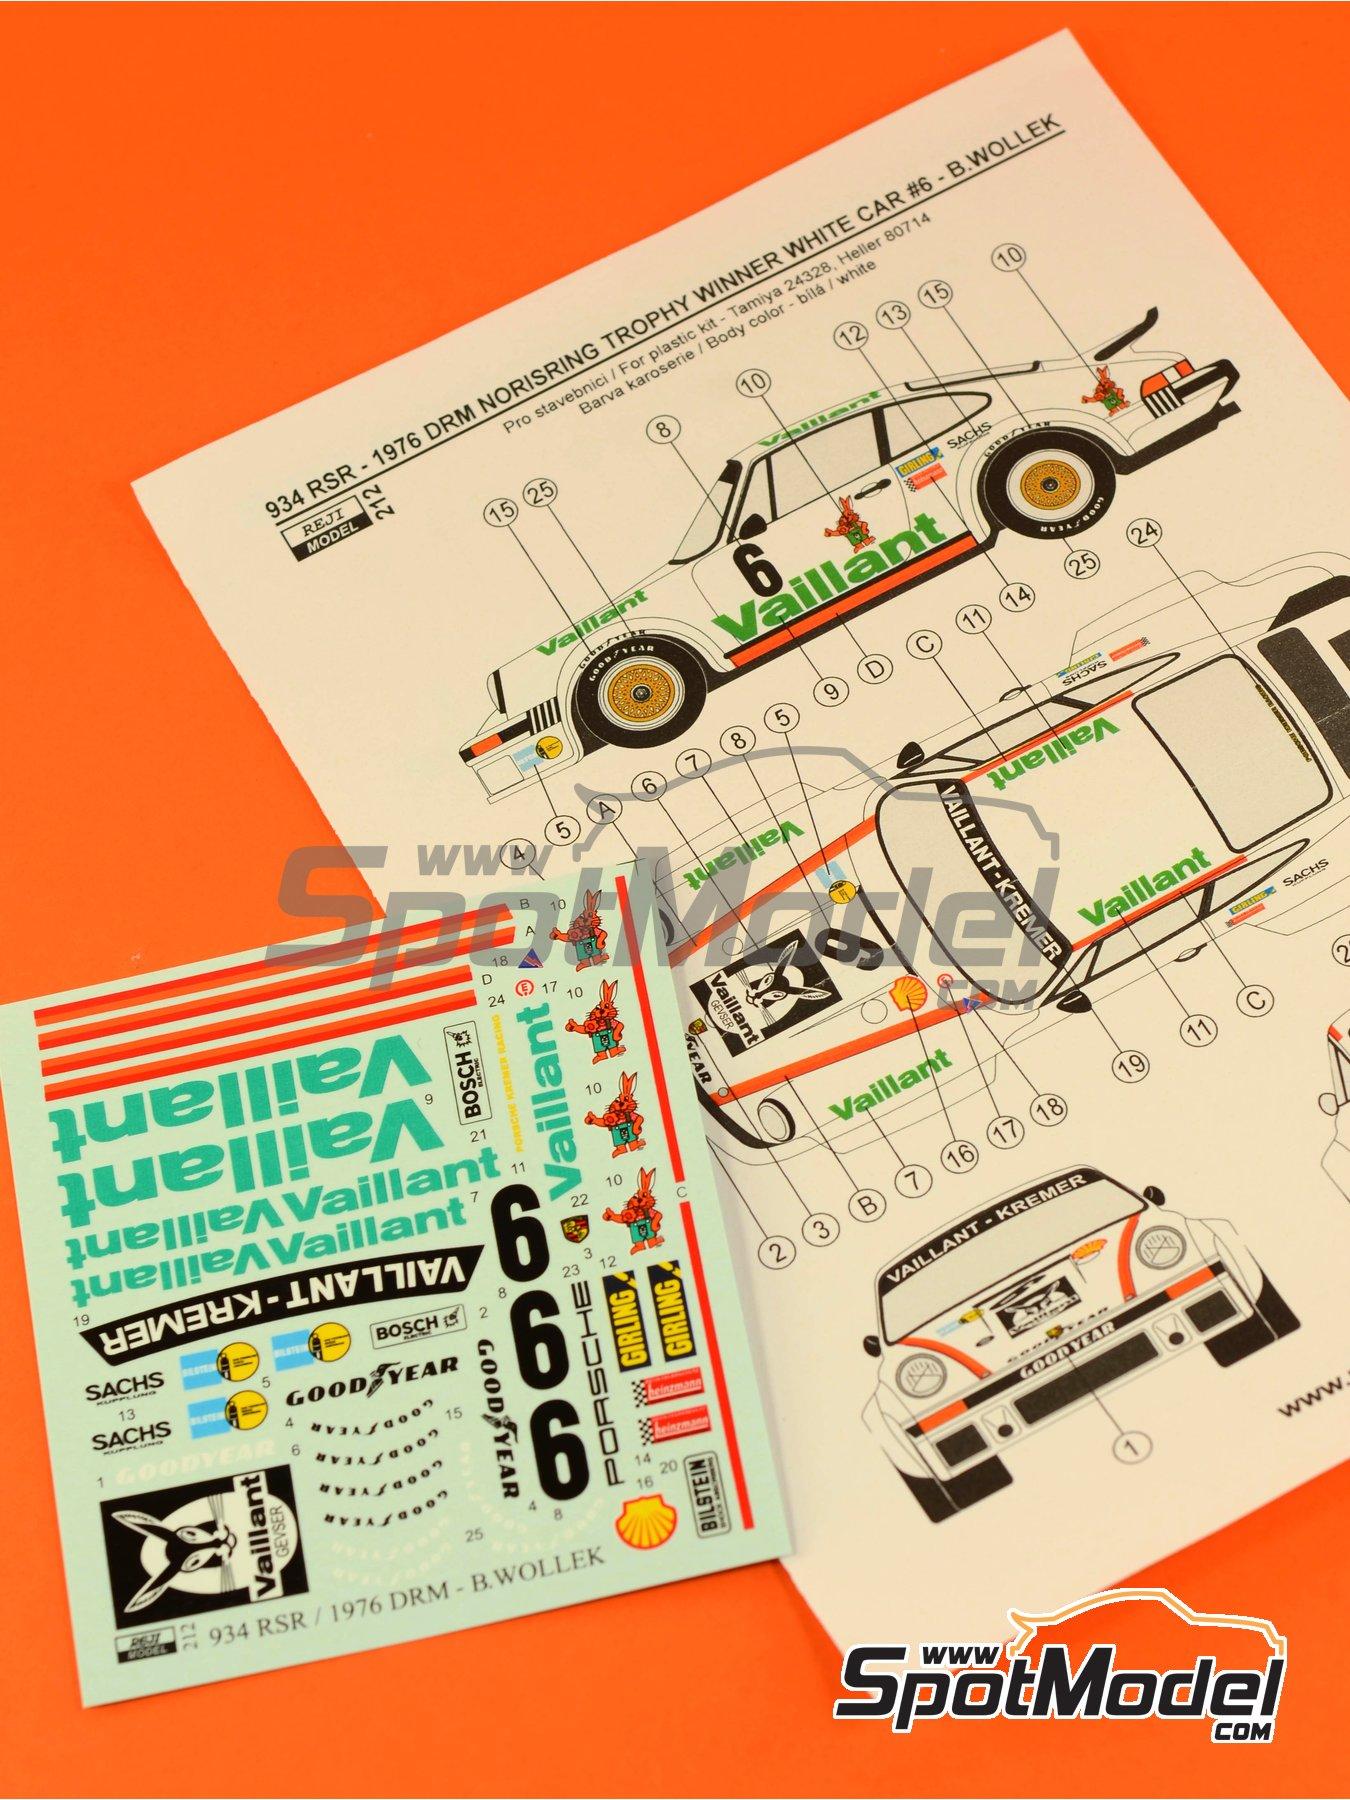 Porsche 934 Turbo RSR Grupo 4 Vaillant - ADAC Norisring Trophy 1976 | Decoración en escala1/24 fabricado por Reji Model (ref.REJI-212) image